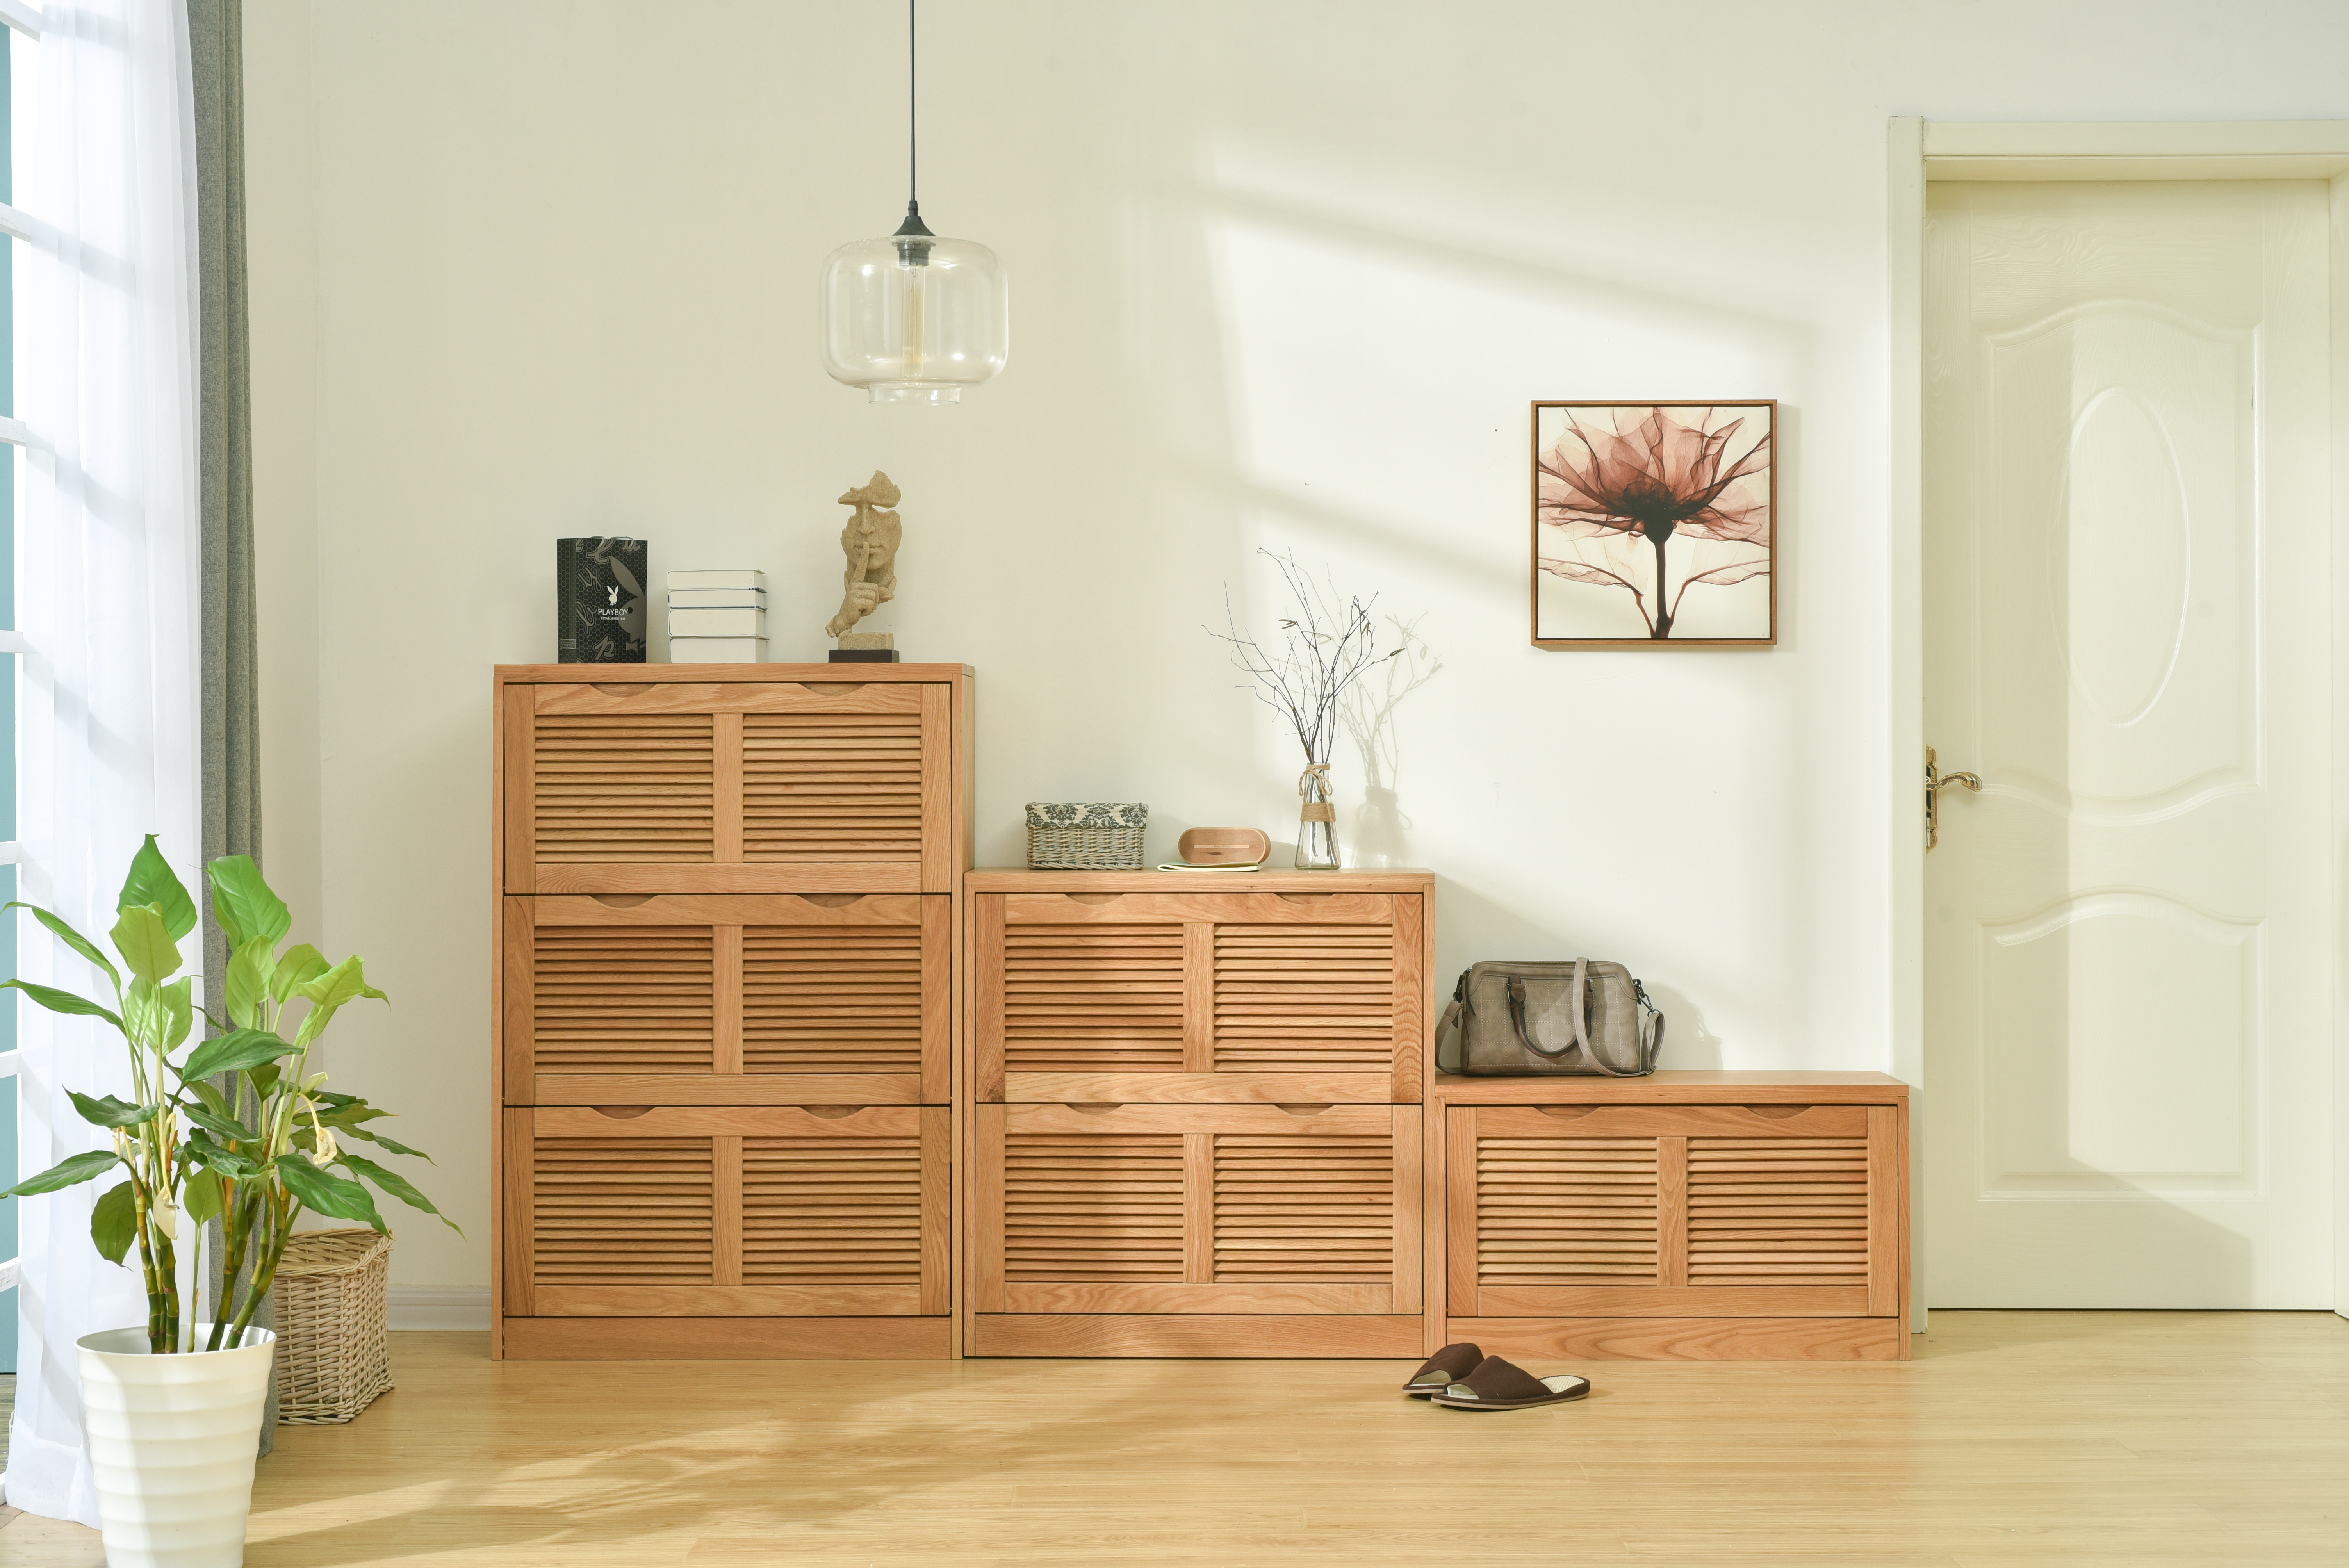 家具放多久甲醛才能释放出来?这些知识不懂,怎敢入住新居